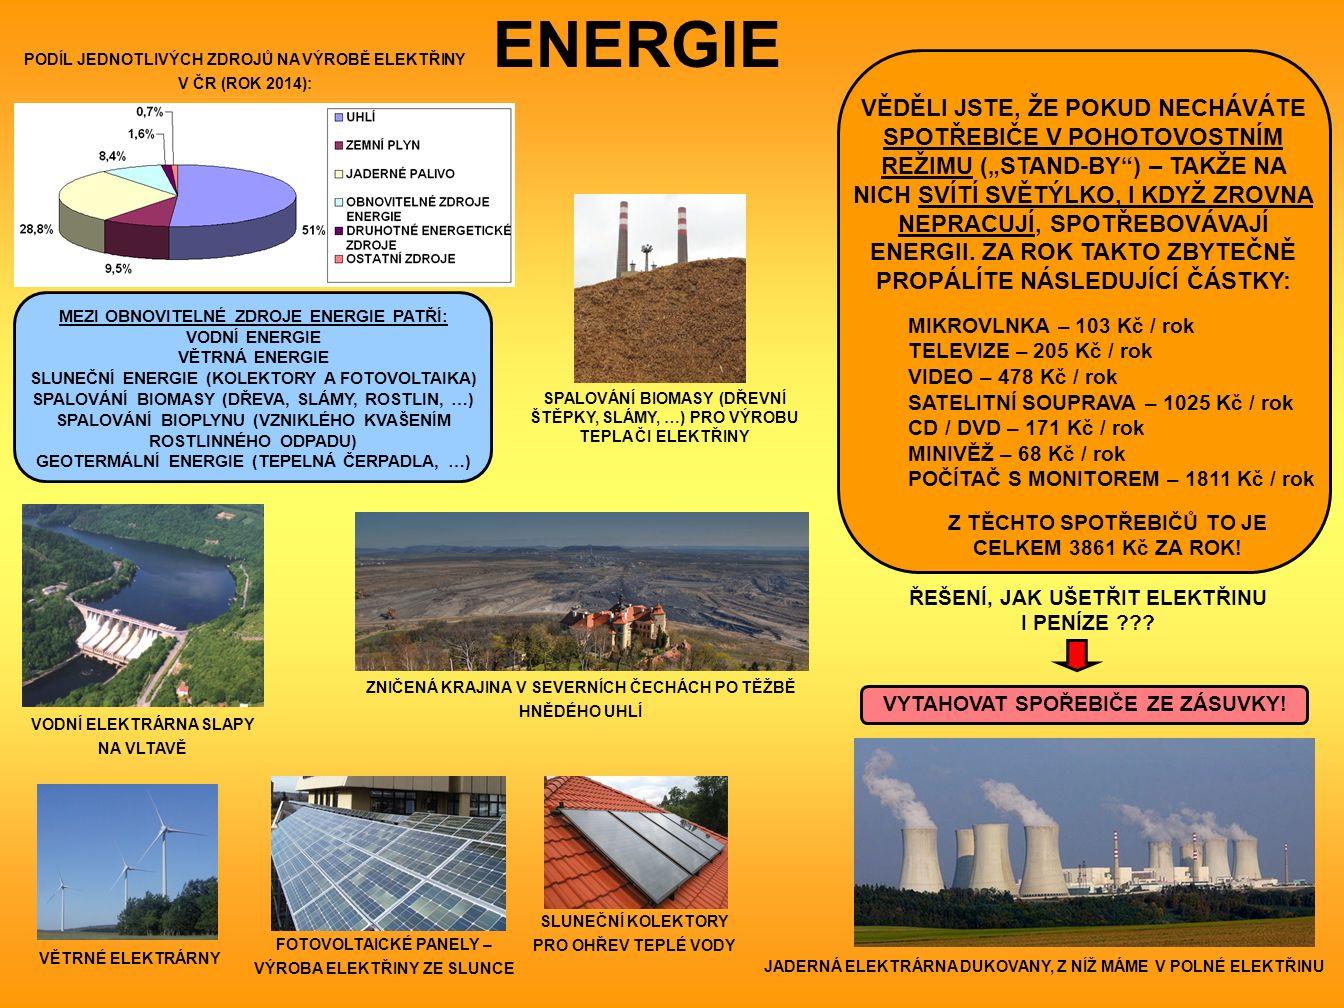 """ENERGIE VĚDĚLI JSTE, ŽE POKUD NECHÁVÁTE SPOTŘEBIČE V POHOTOVOSTNÍM REŽIMU (""""STAND-BY ) – TAKŽE NA NICH SVÍTÍ SVĚTÝLKO, I KDYŽ ZROVNA NEPRACUJÍ, SPOTŘEBOVÁVAJÍ ENERGII."""